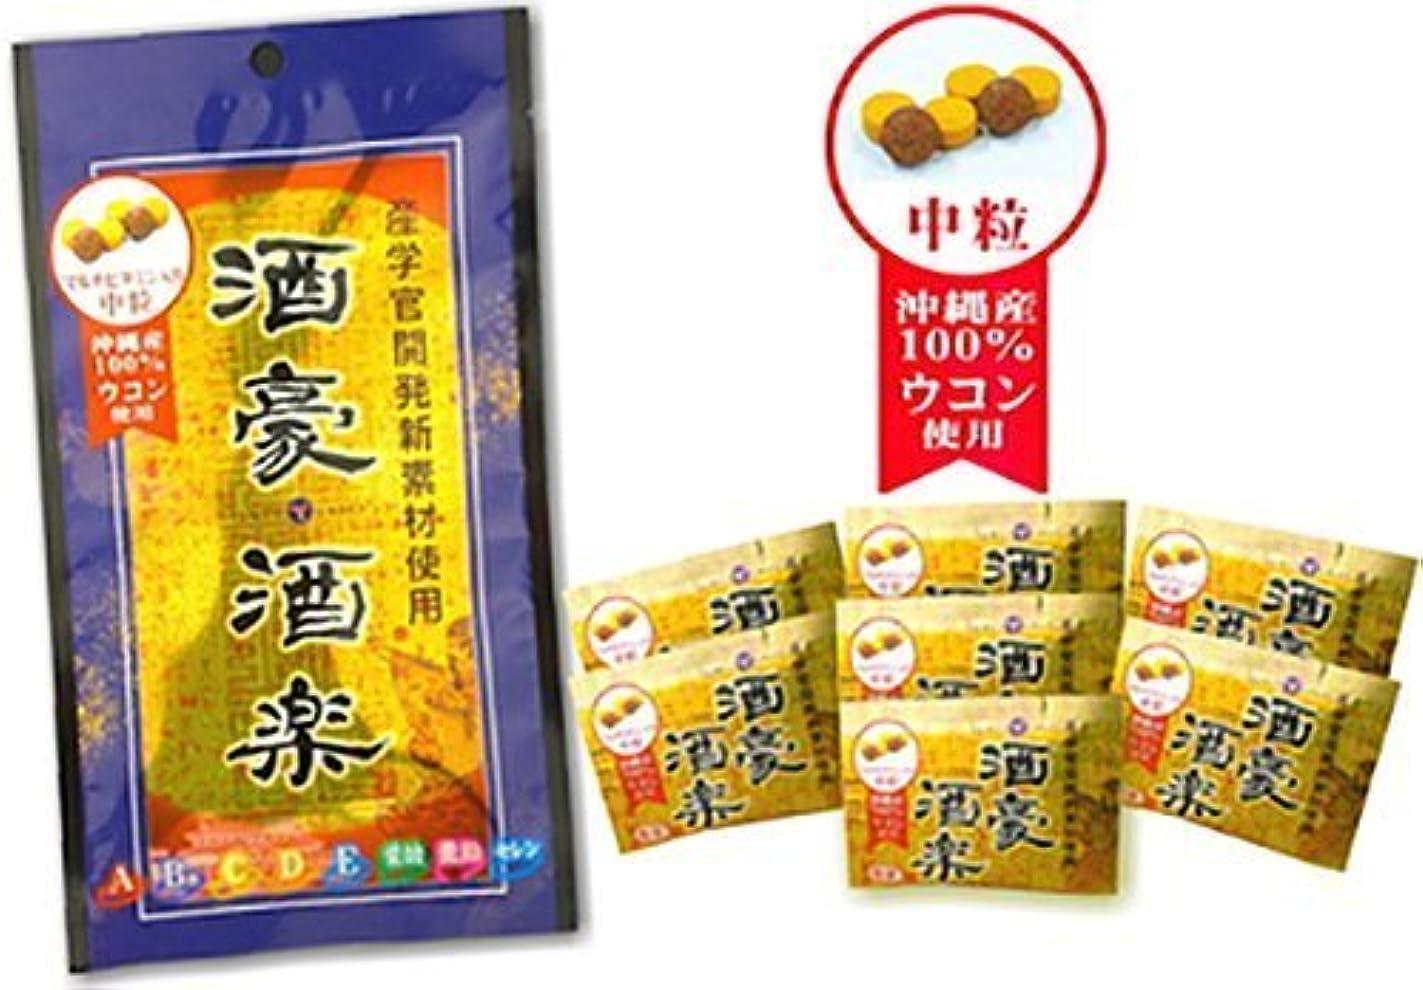 精神可塑性酸化する酒豪酒楽ゴールド(7袋入り) 5袋セット